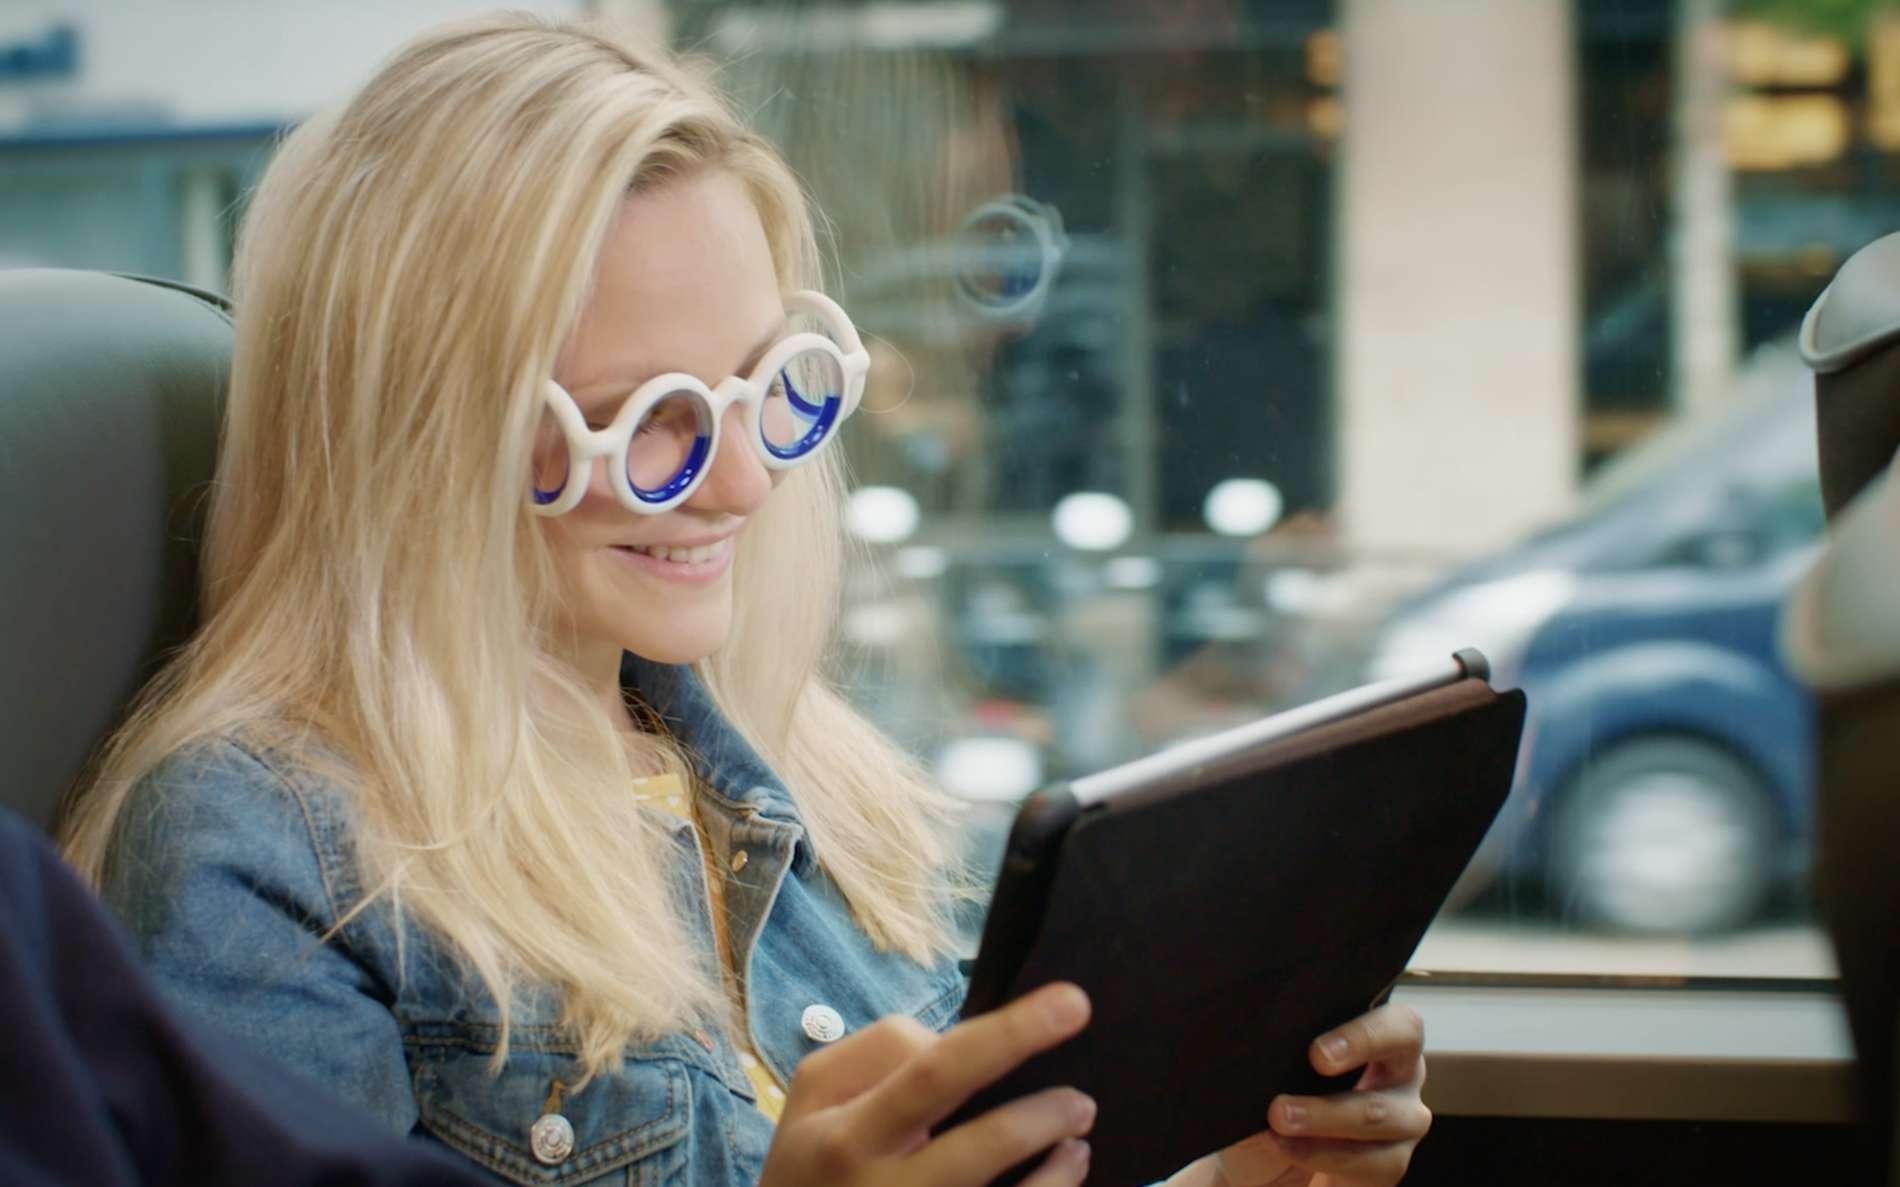 Citroën lance des lunettes contre le mal des transports qui permettent de lire ou de regarder un film durant un trajet. © Citroën